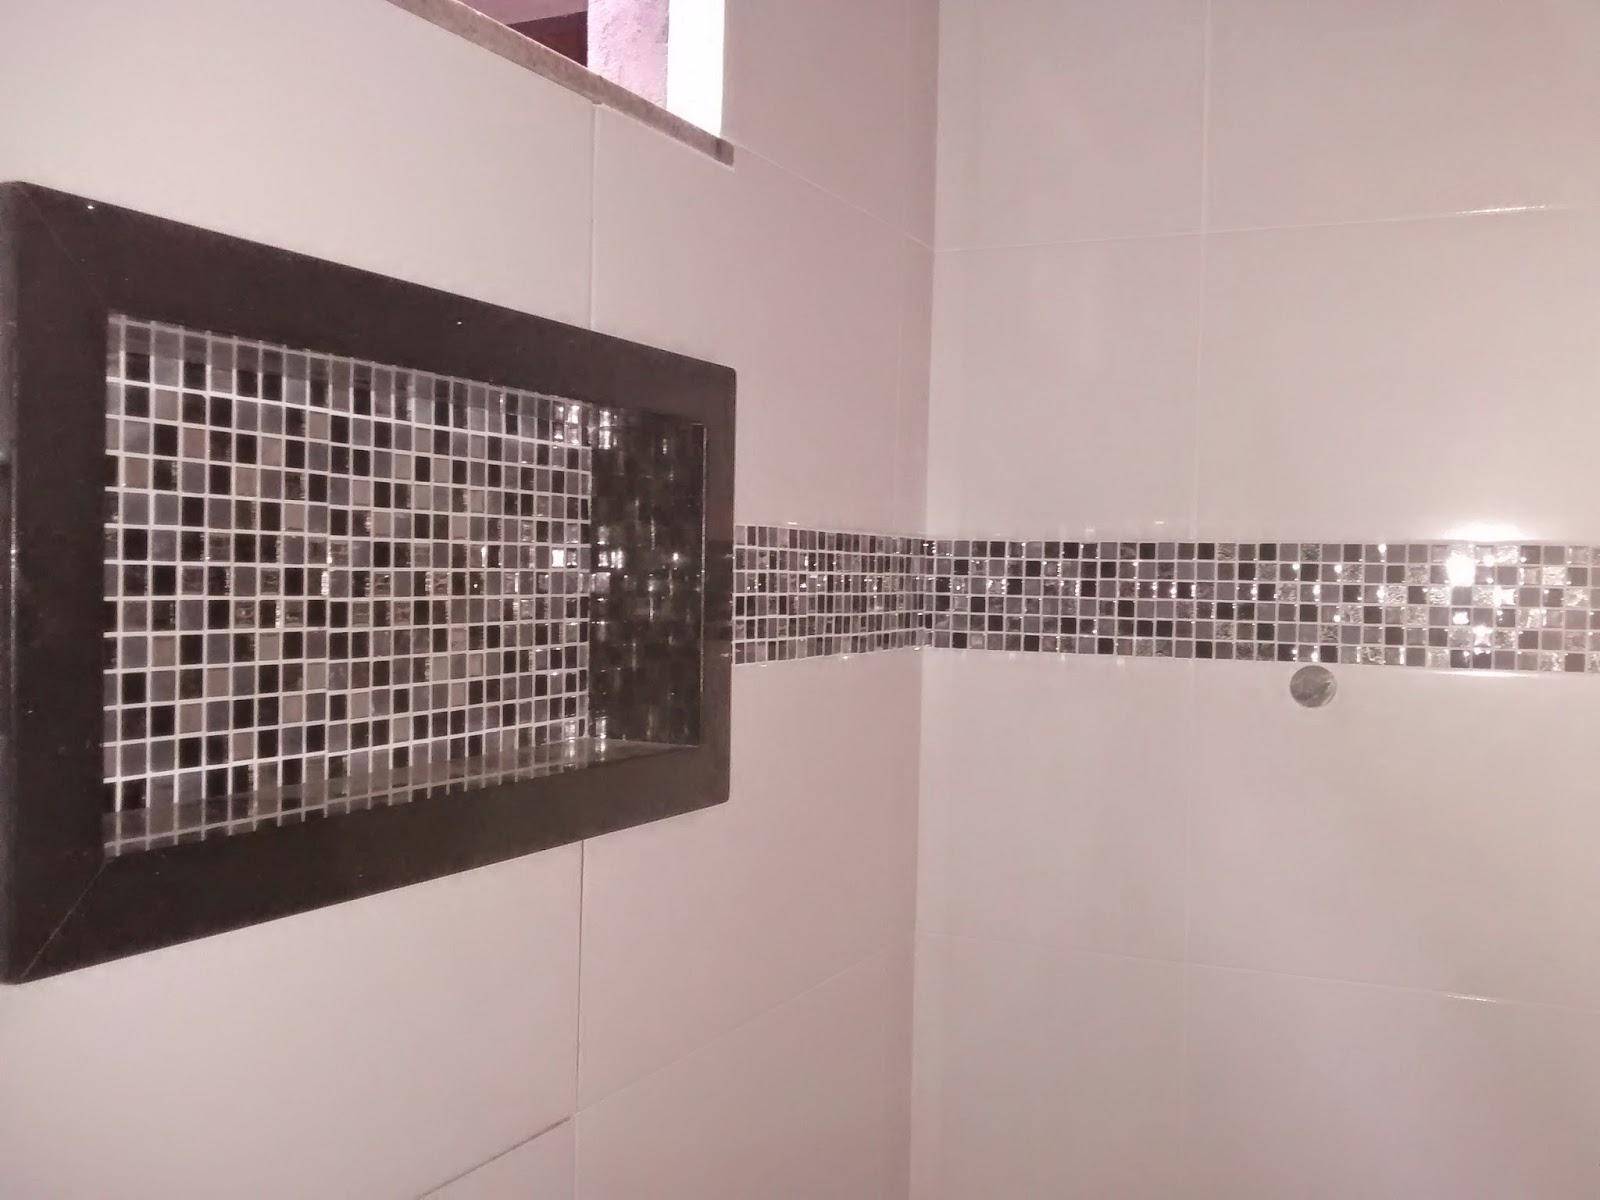 Nicho De Banheiro De Granito  cgafghanscom banheiros pequenos e modernos -> Nicho De Banheiro Em Granito